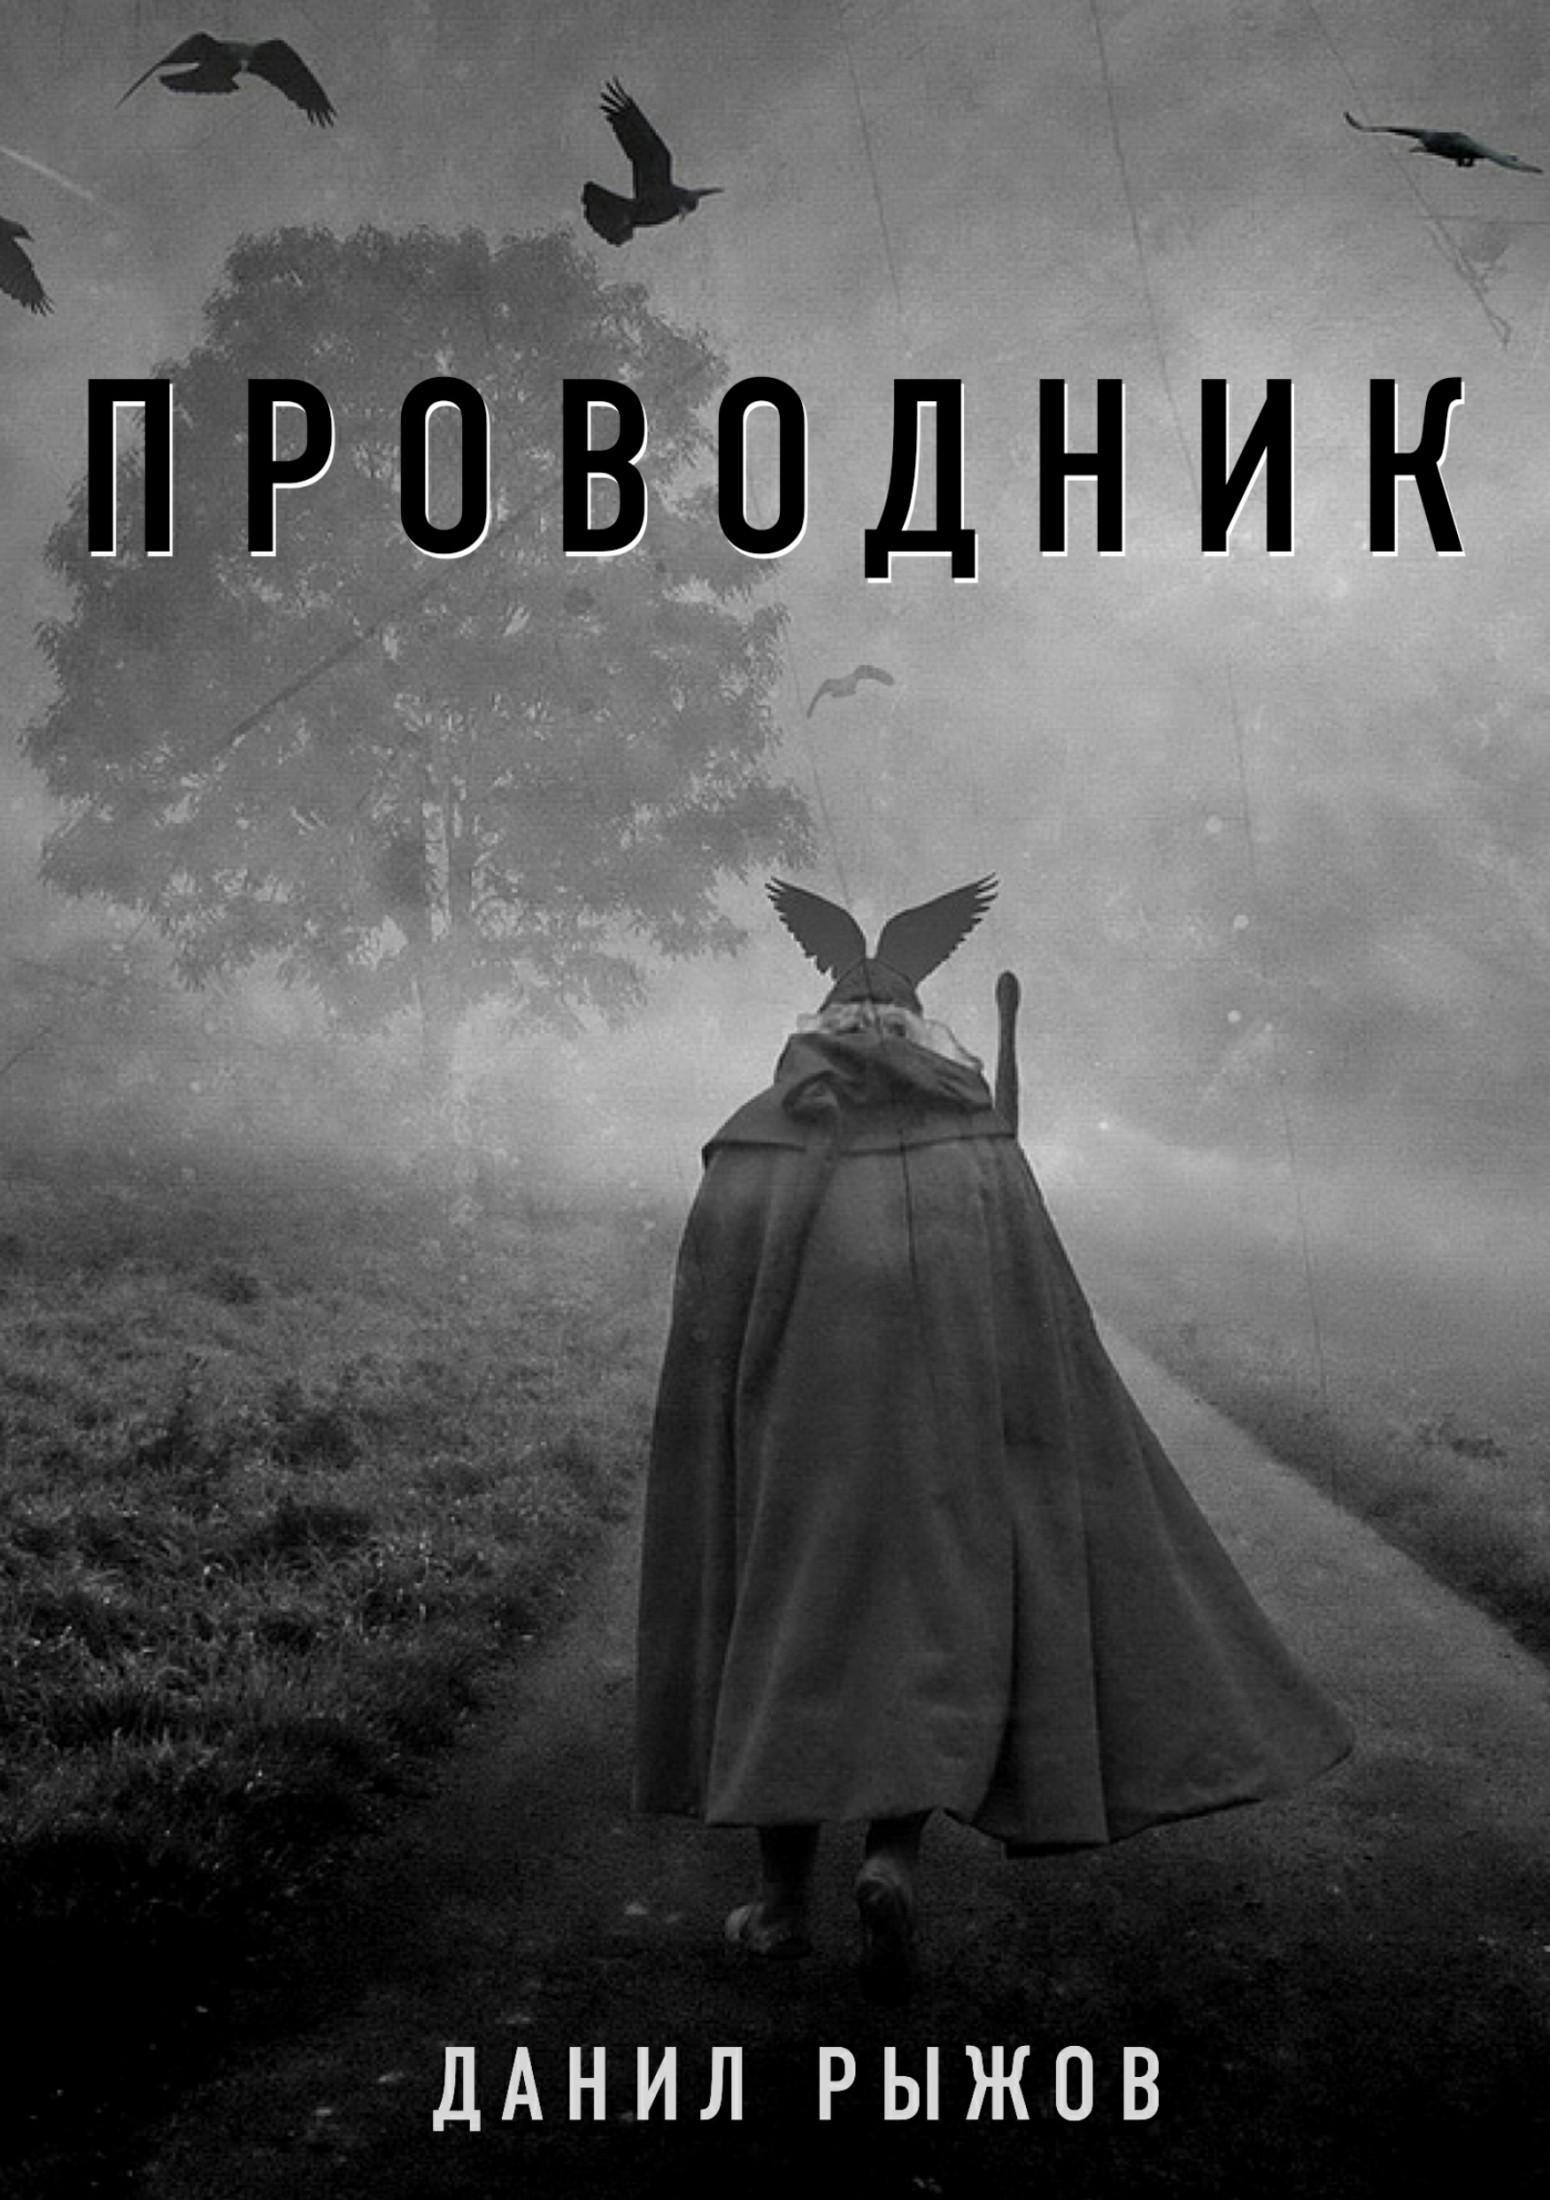 Данил Рыжов. Проводник